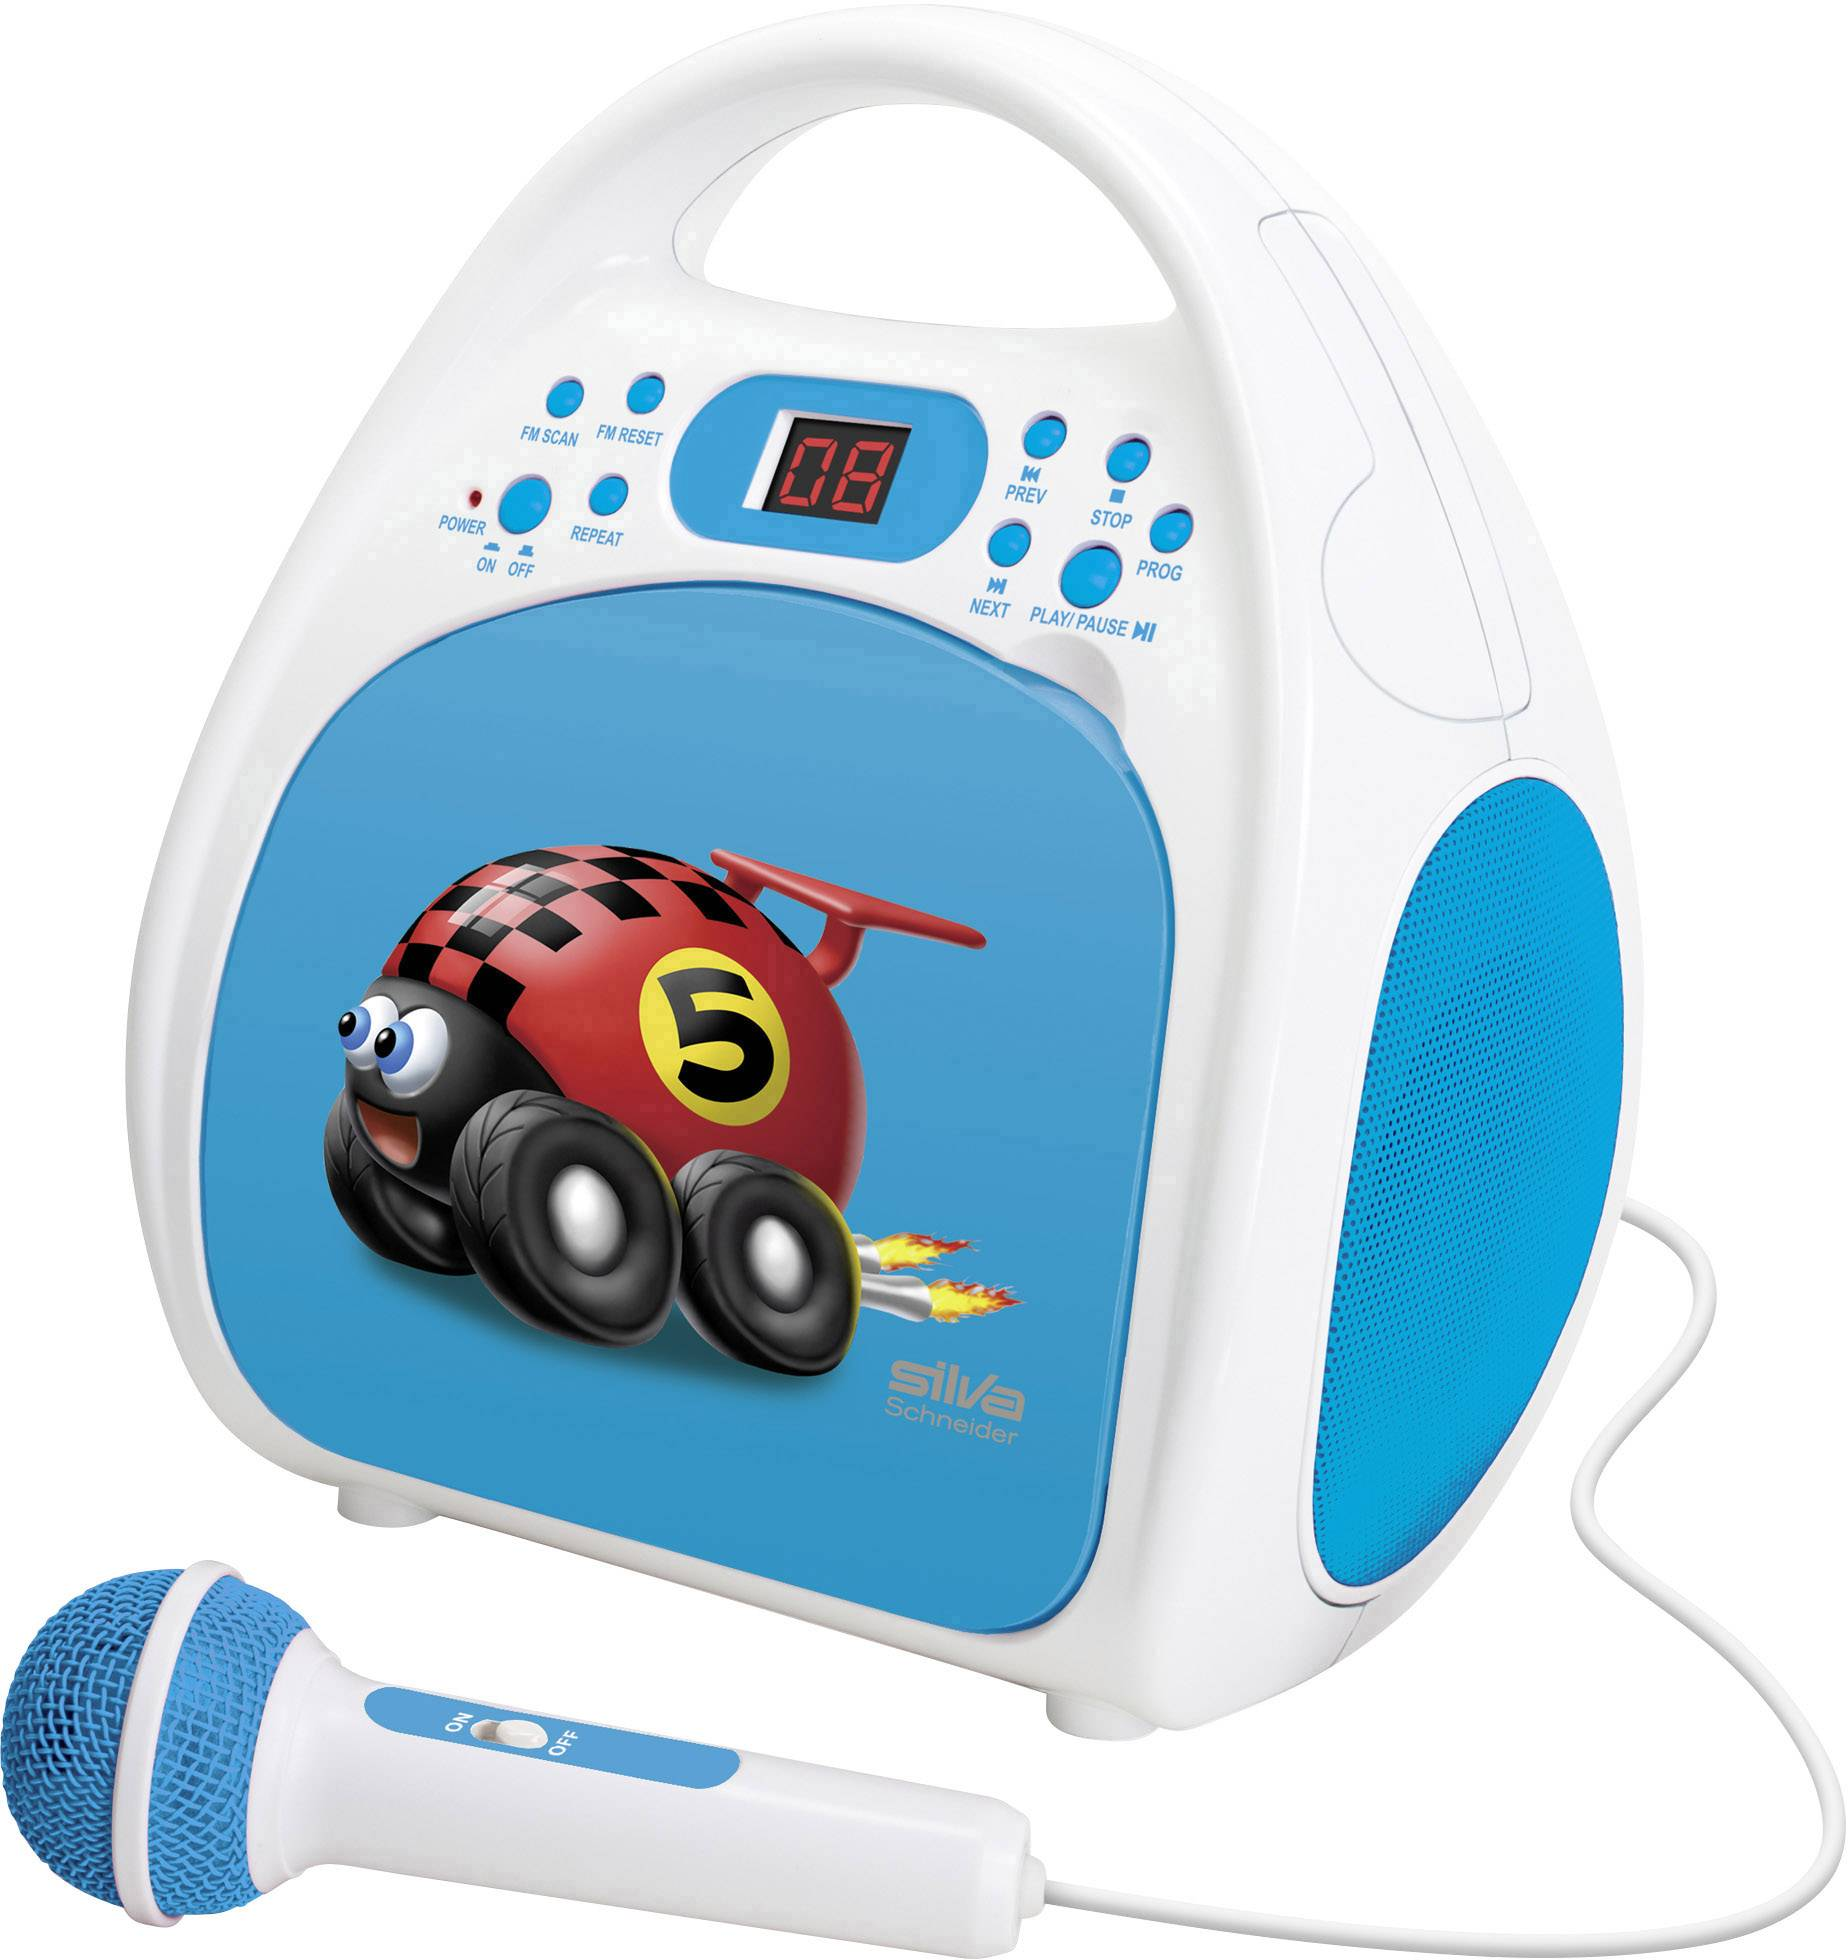 Silva Schneider Kids One Play CD Player Für Kinder Blau CD, CD R, Radio